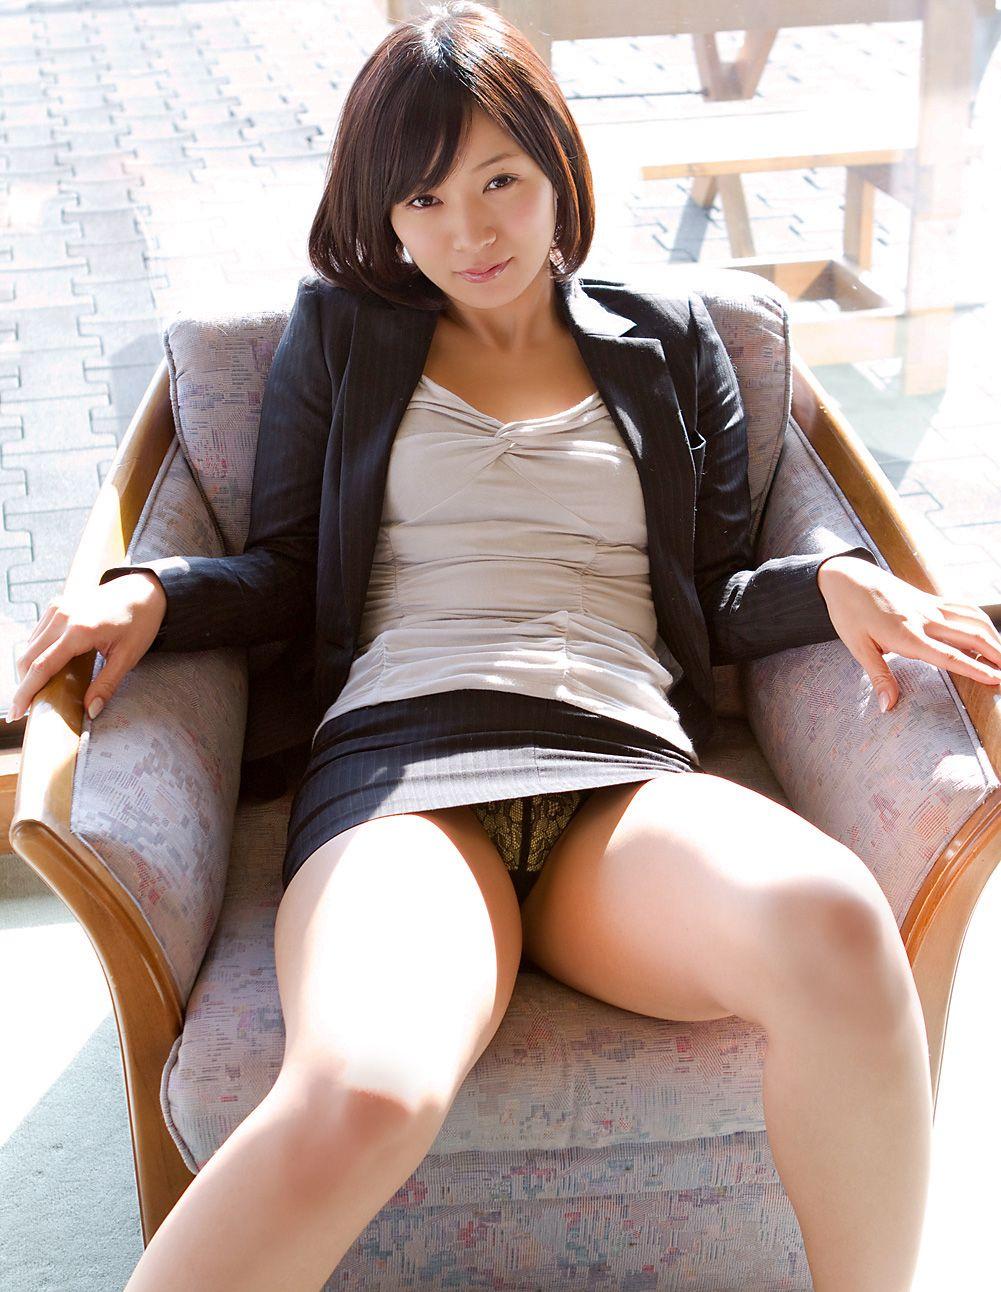 若い 可愛い 美人 OL エロ画像【5】